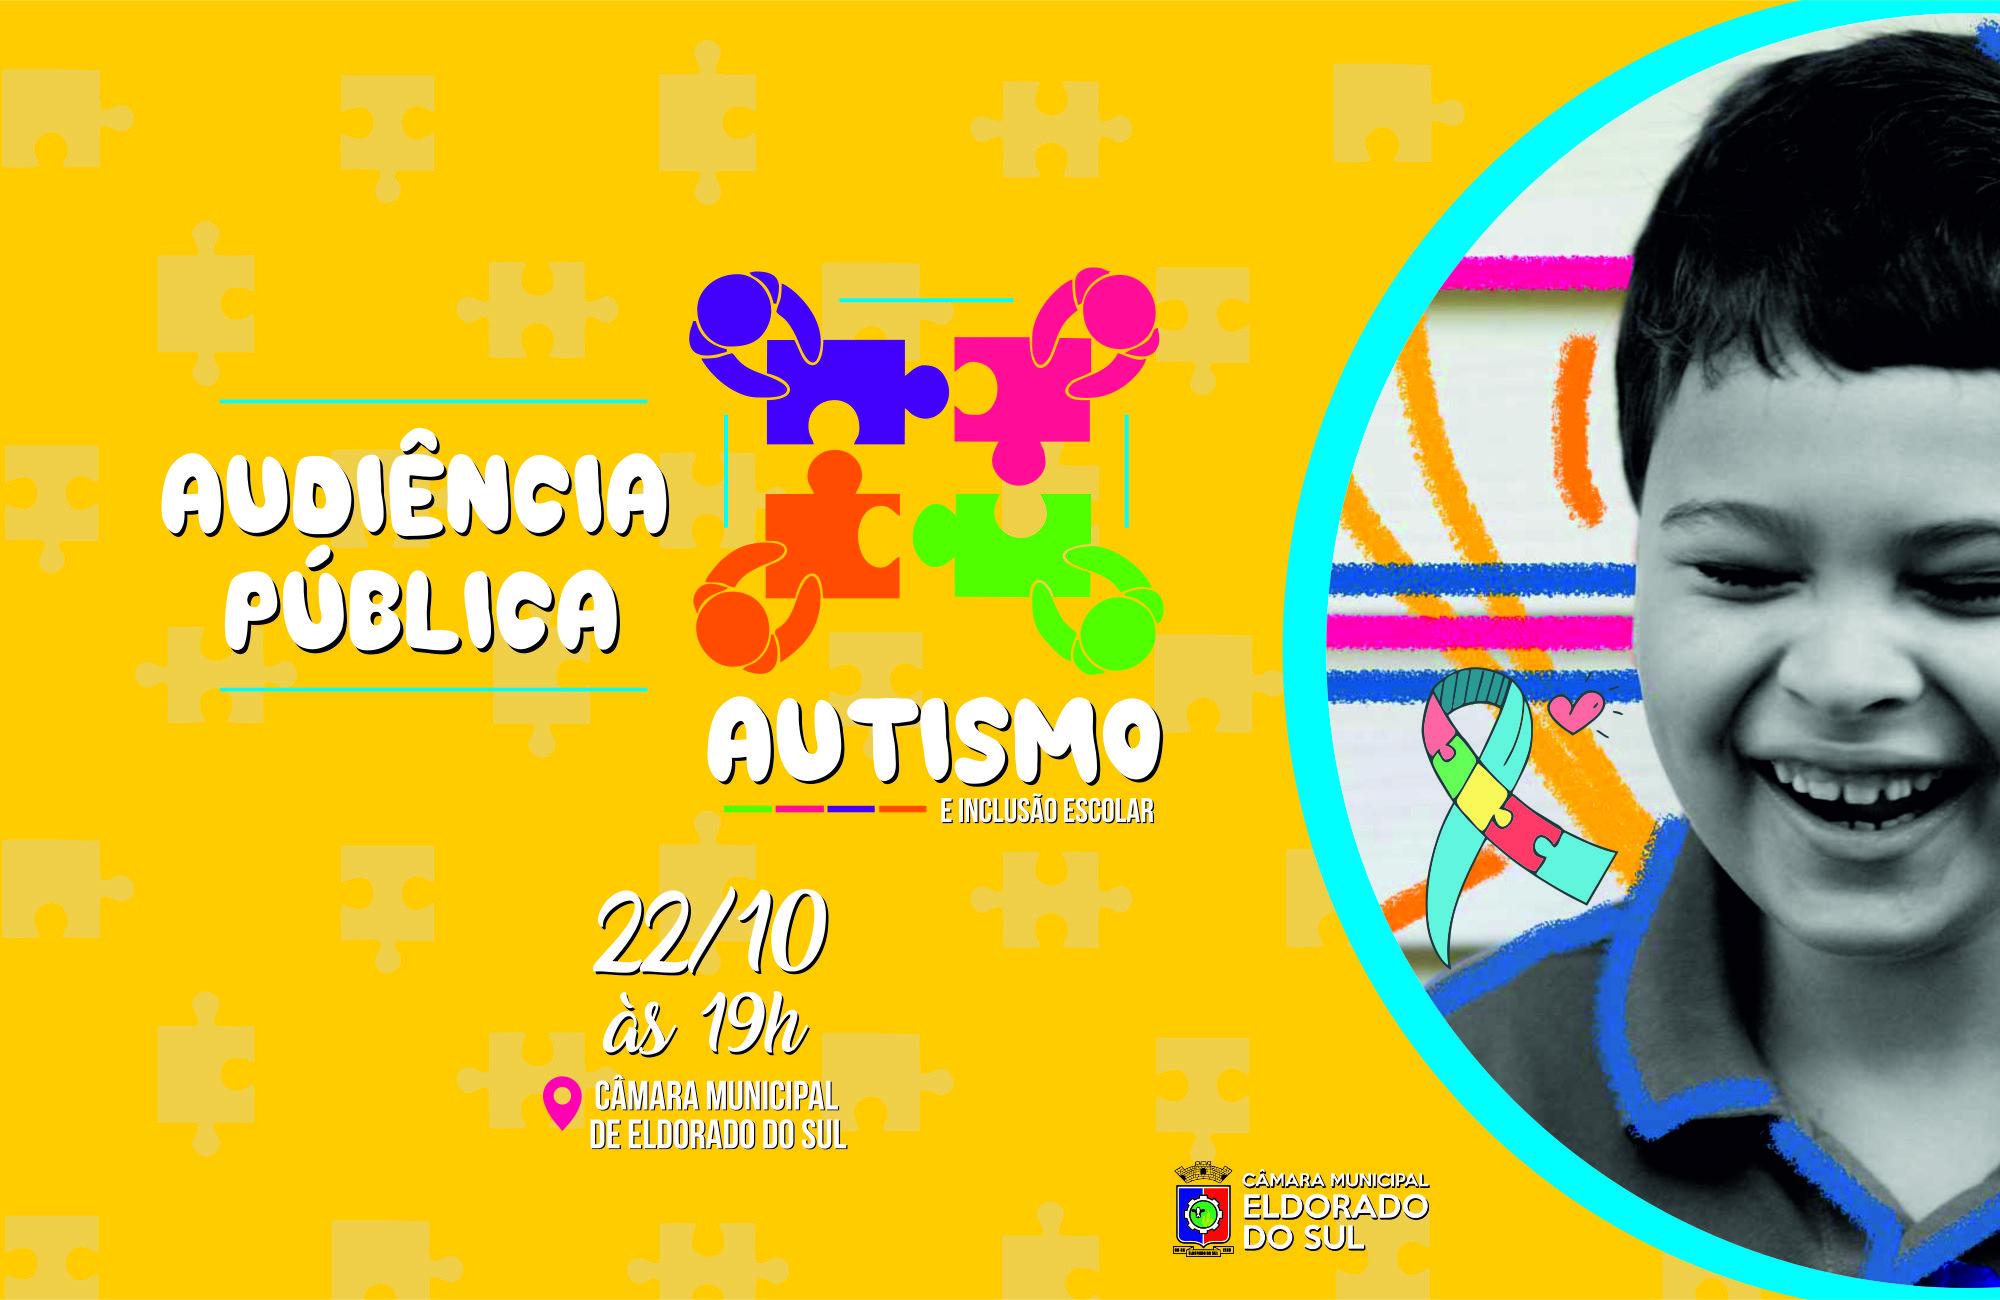 Legislativo promove Audiência Pública sobre Autismo e Inclusão Escolar